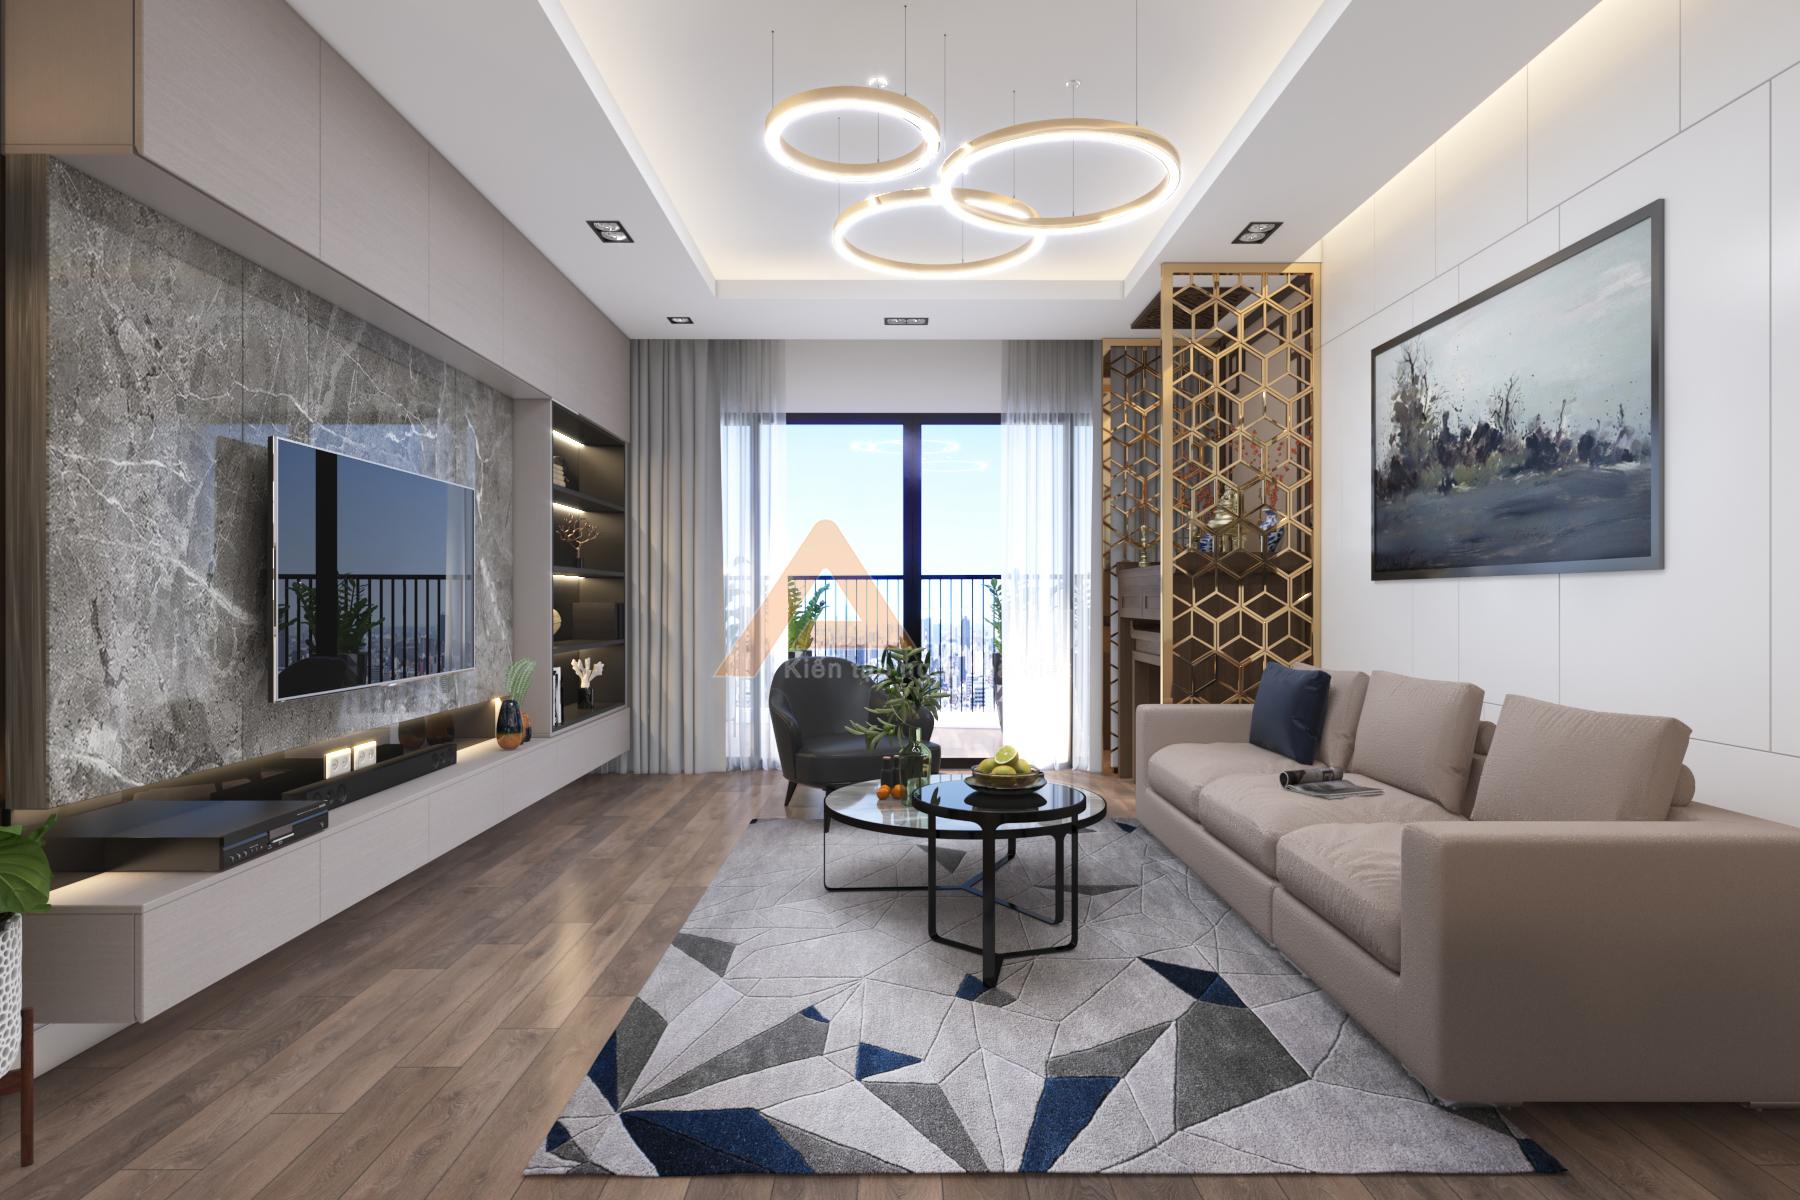 thiết kế nội thất chung cư tại Hà Nội Chung cư New Skyline - Văn Quán 2 1572341528